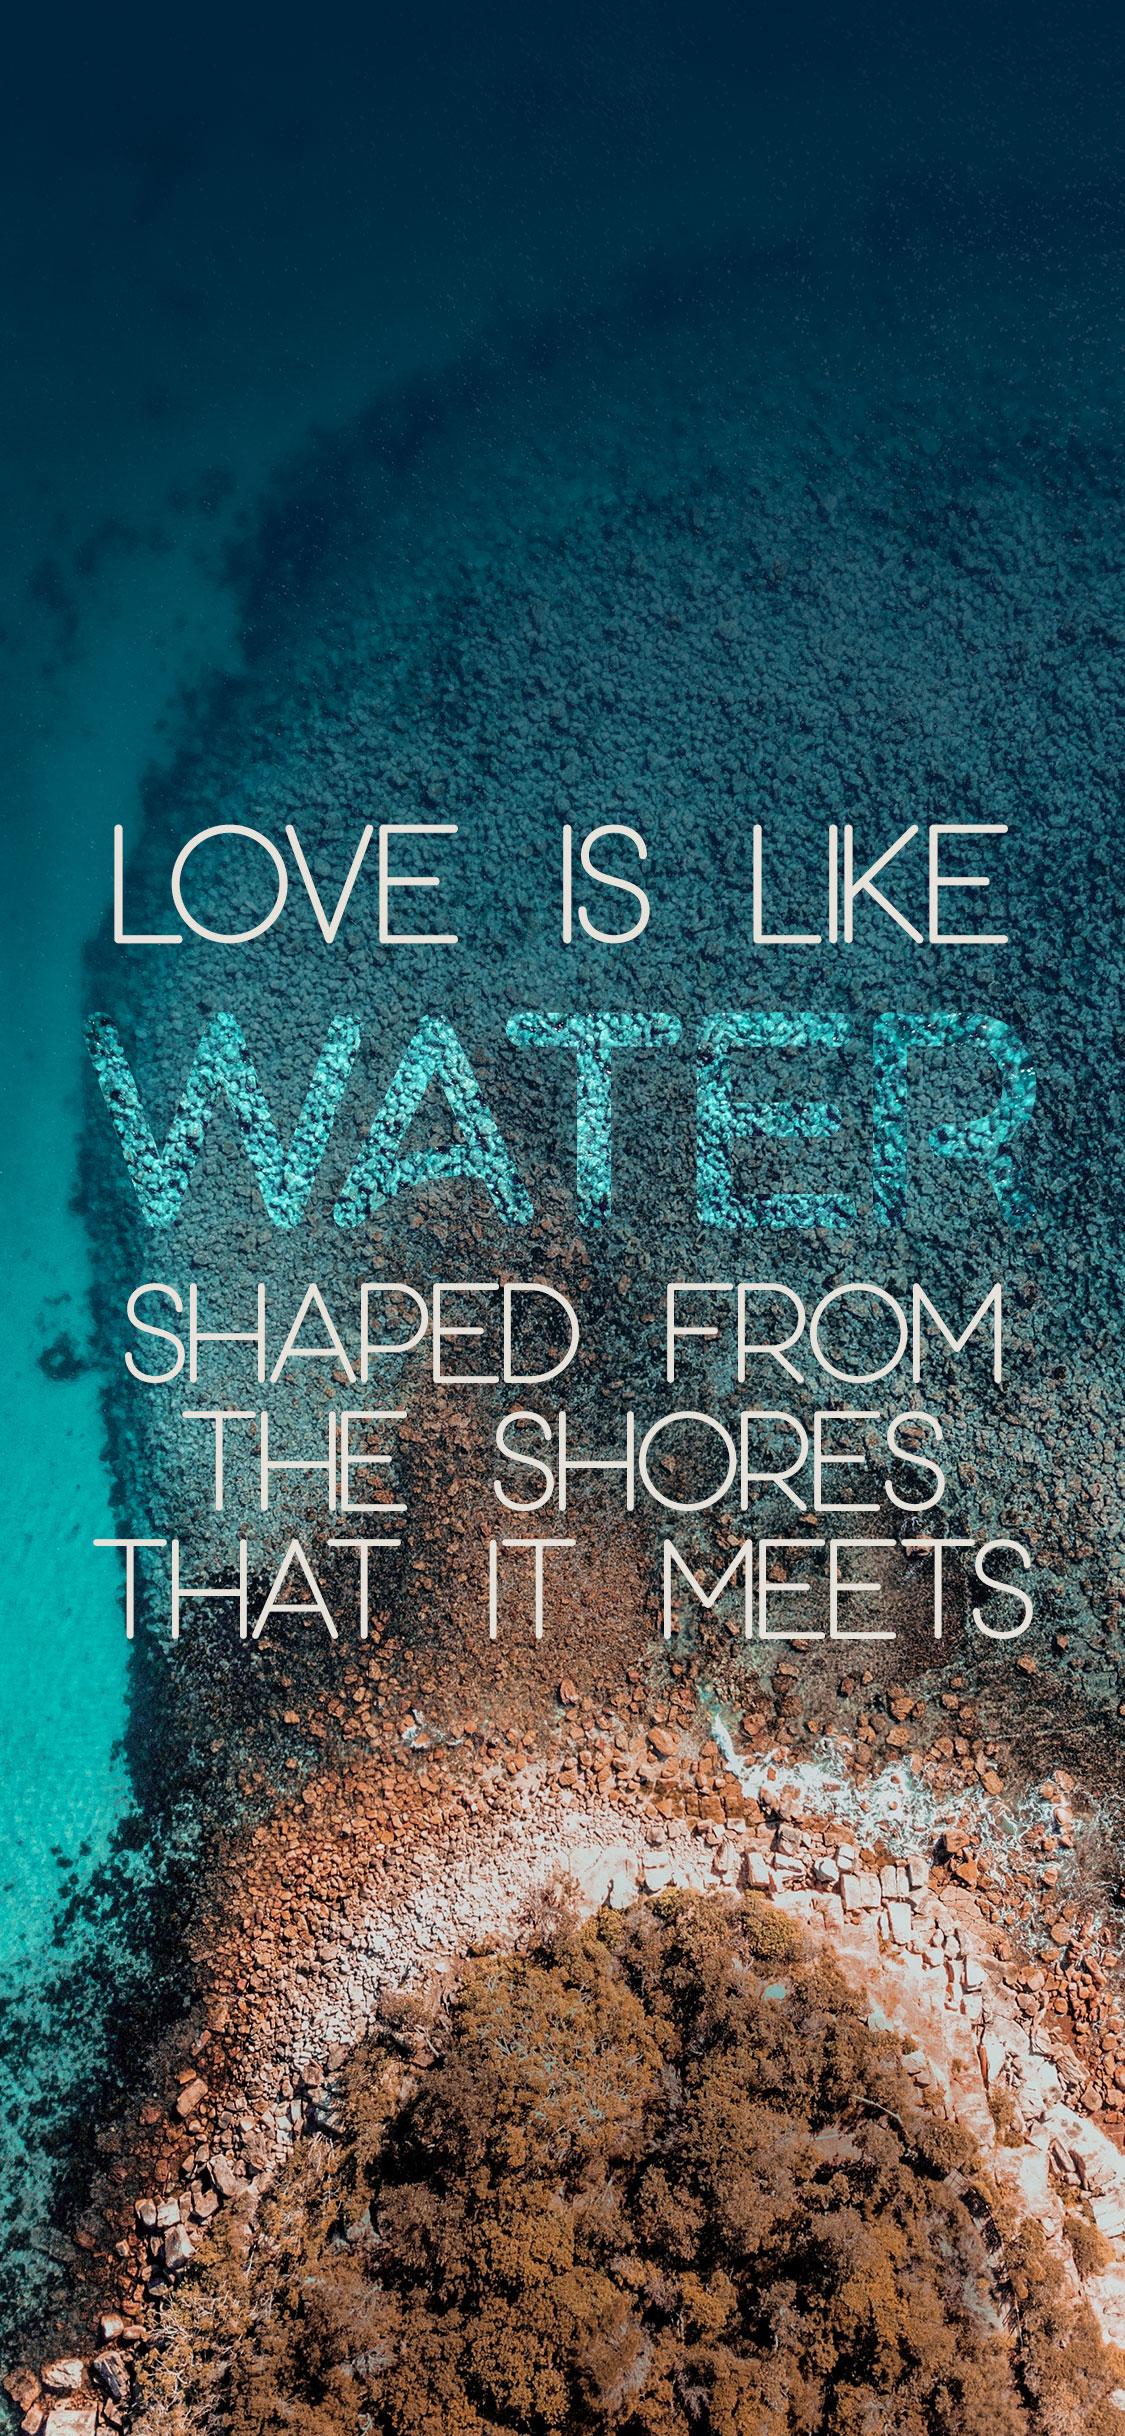 Love-Is-Like-Water-Wallpaper.jpg